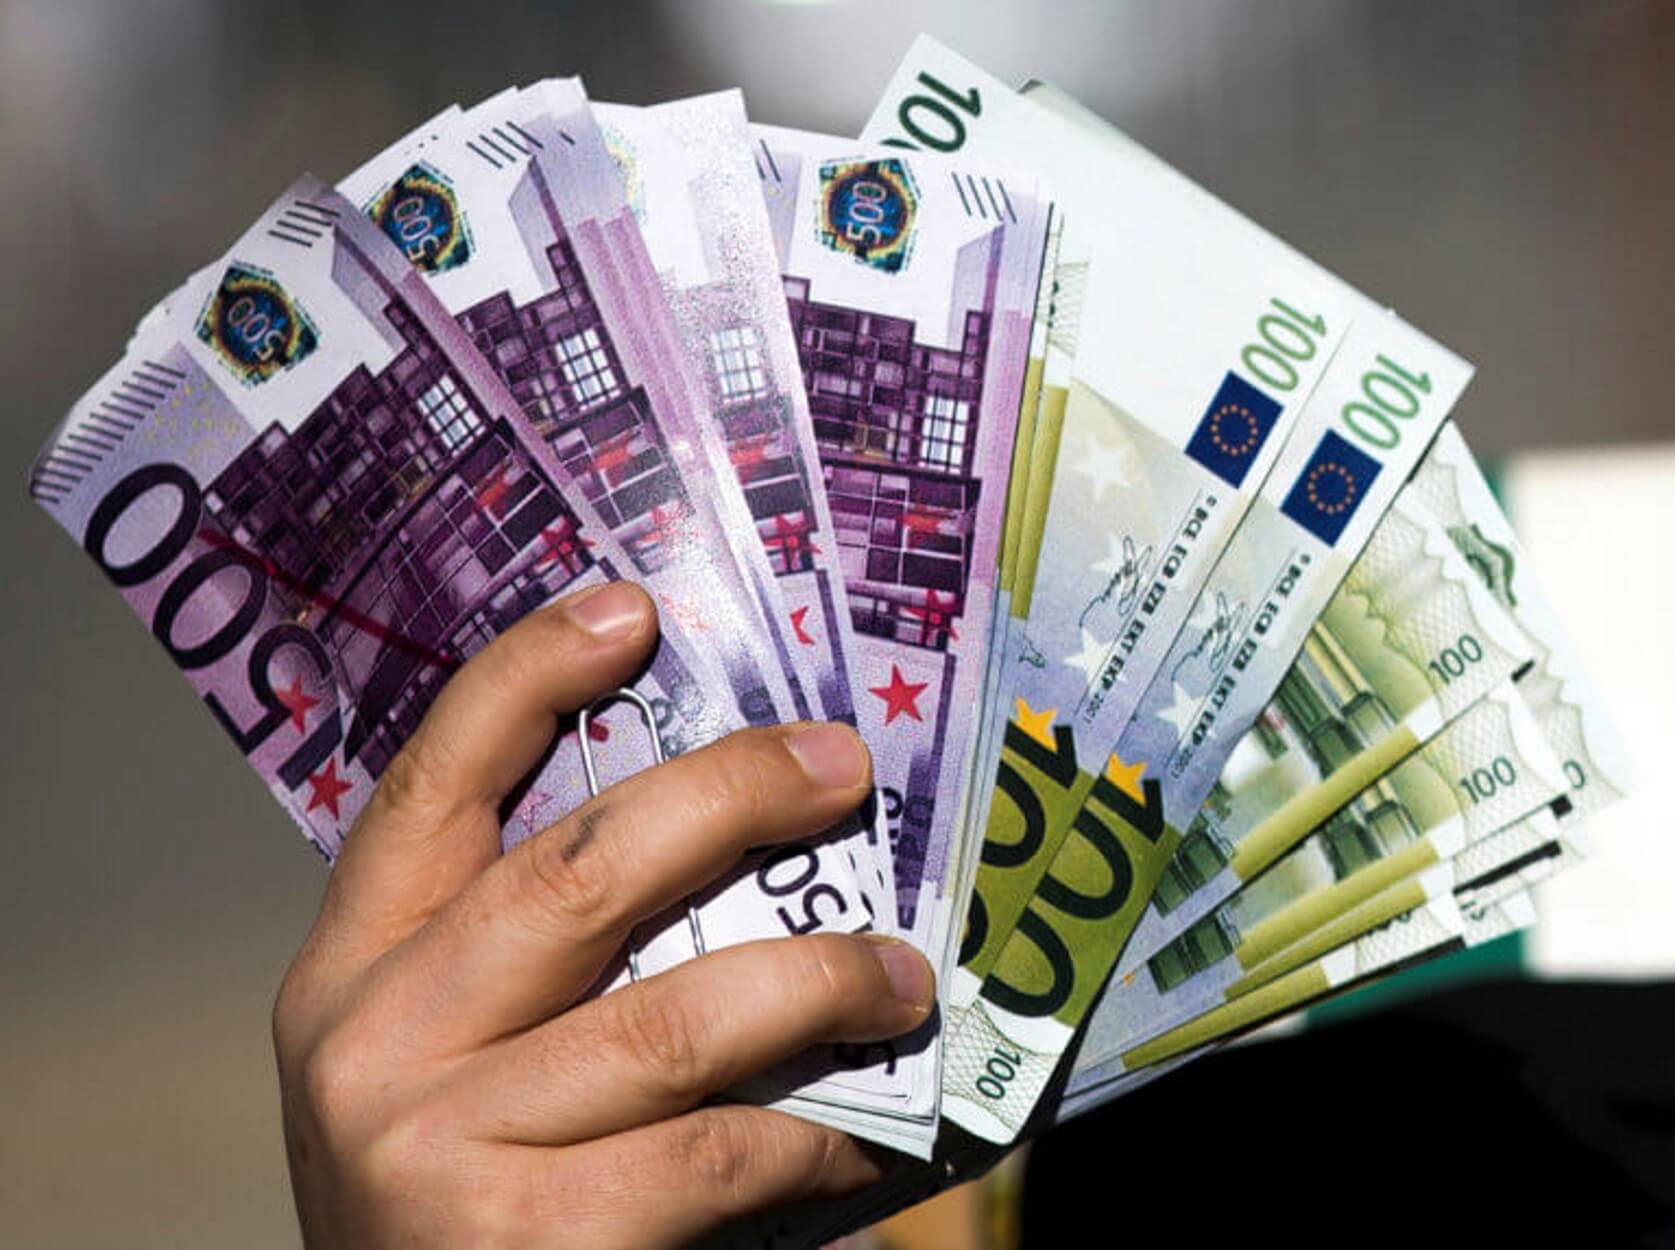 Αυτή η εταιρεία έδωσε μπόνους 2.500 ευρώ σε κάθε εργαζόμενο της